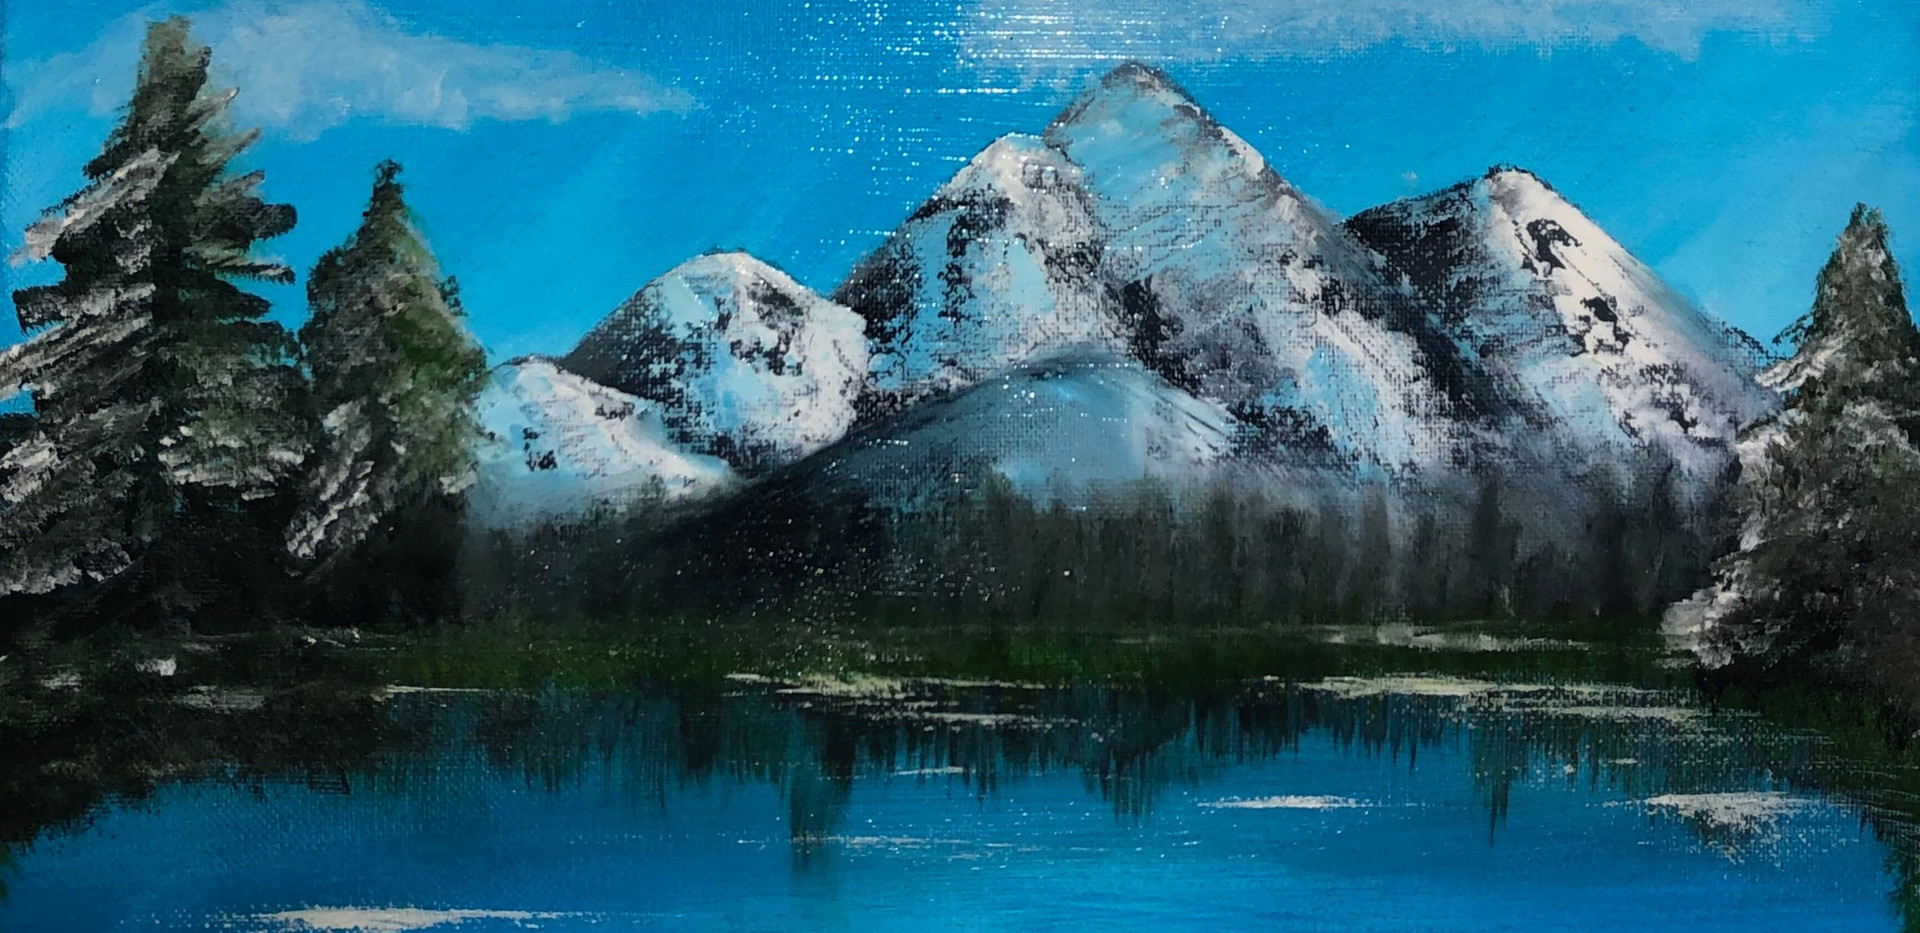 Painting By Kayla Sunardi